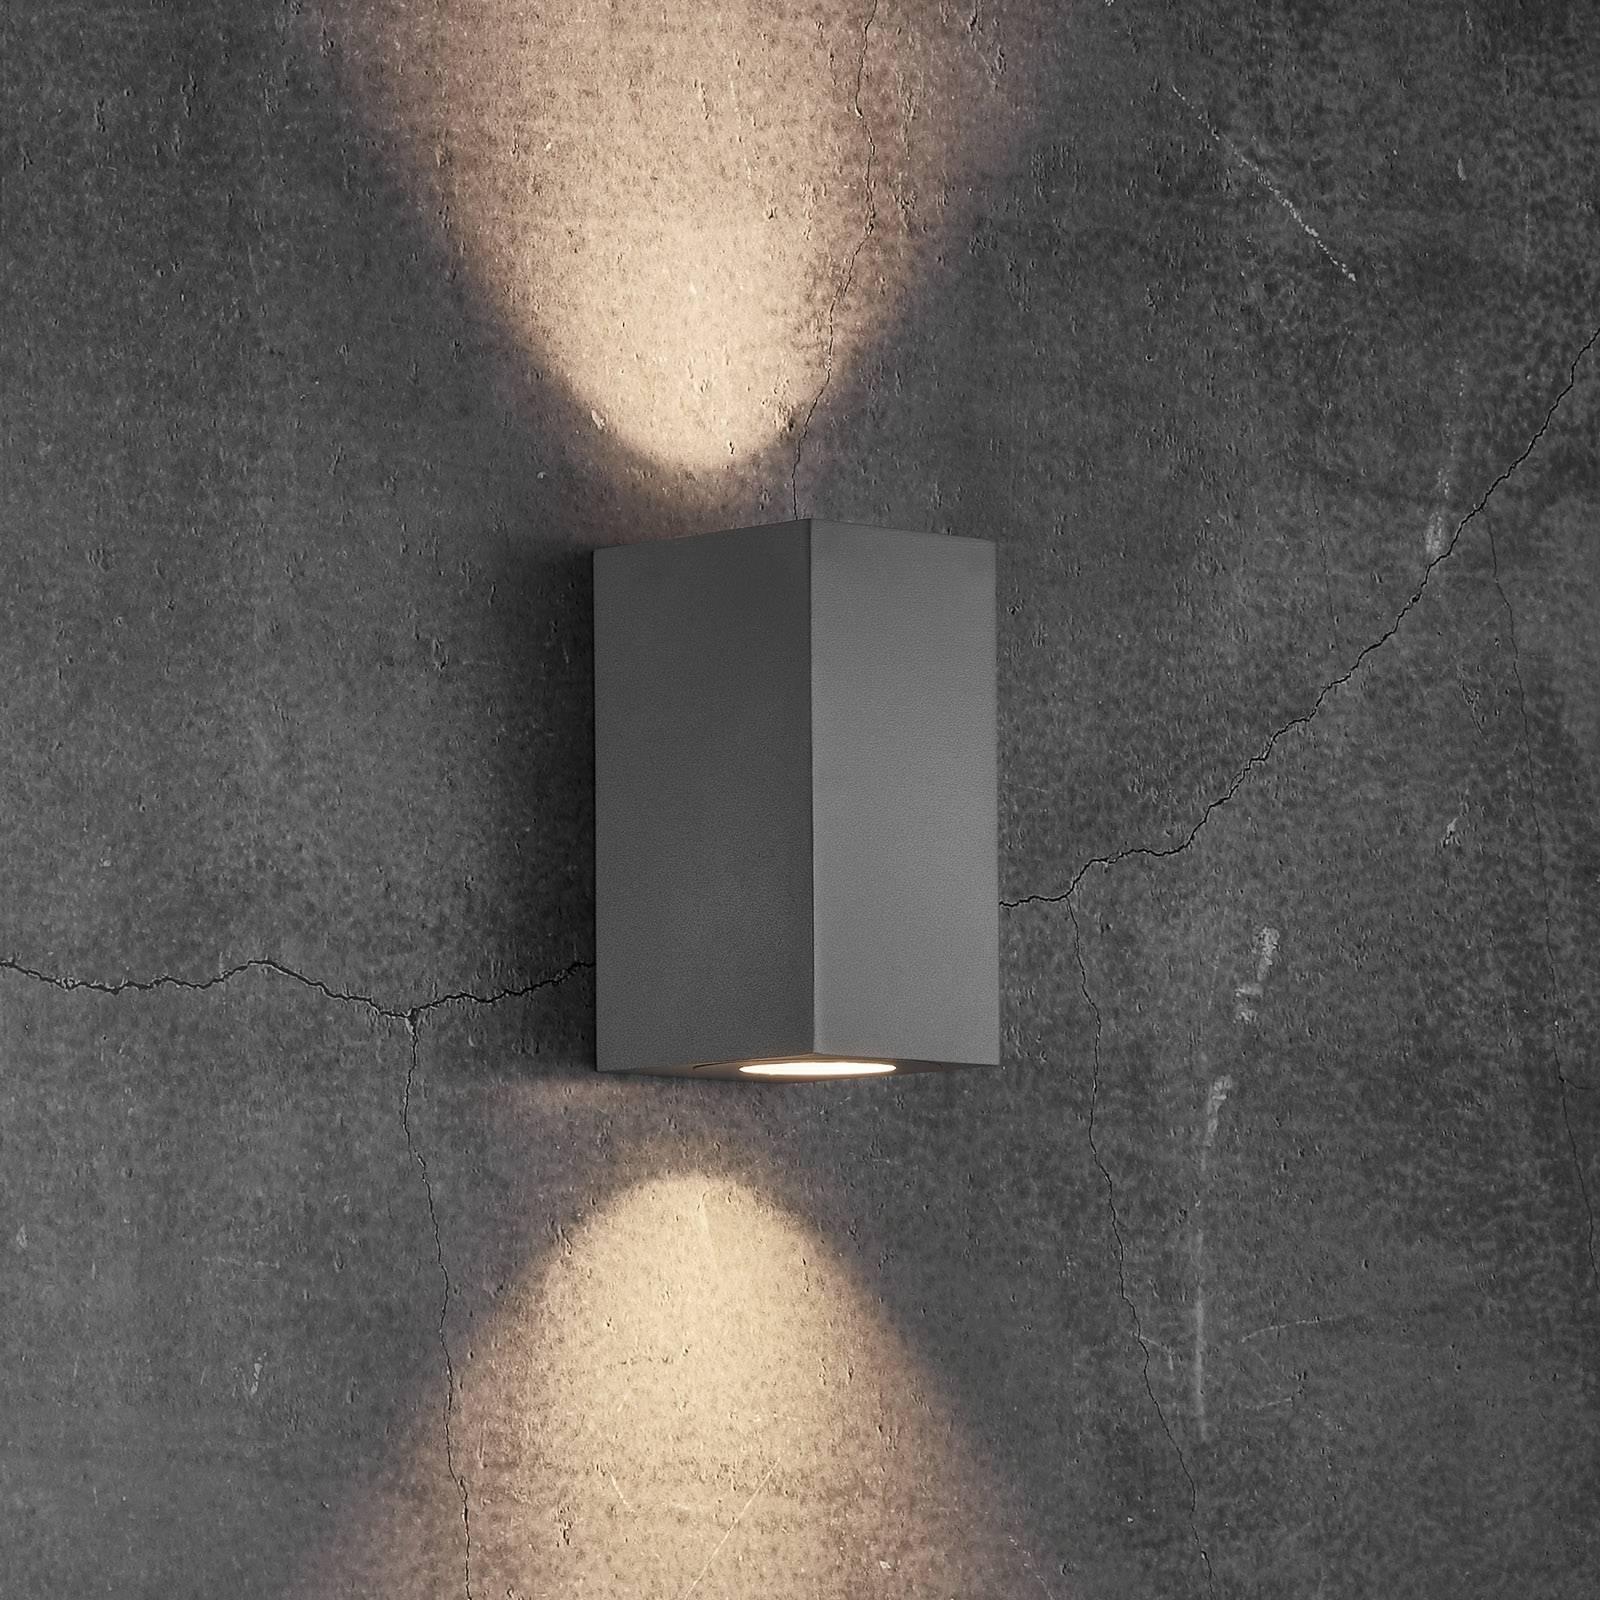 Ulkoseinälamppu Canto Maxi Kubi 2, 17 cm, harmaa